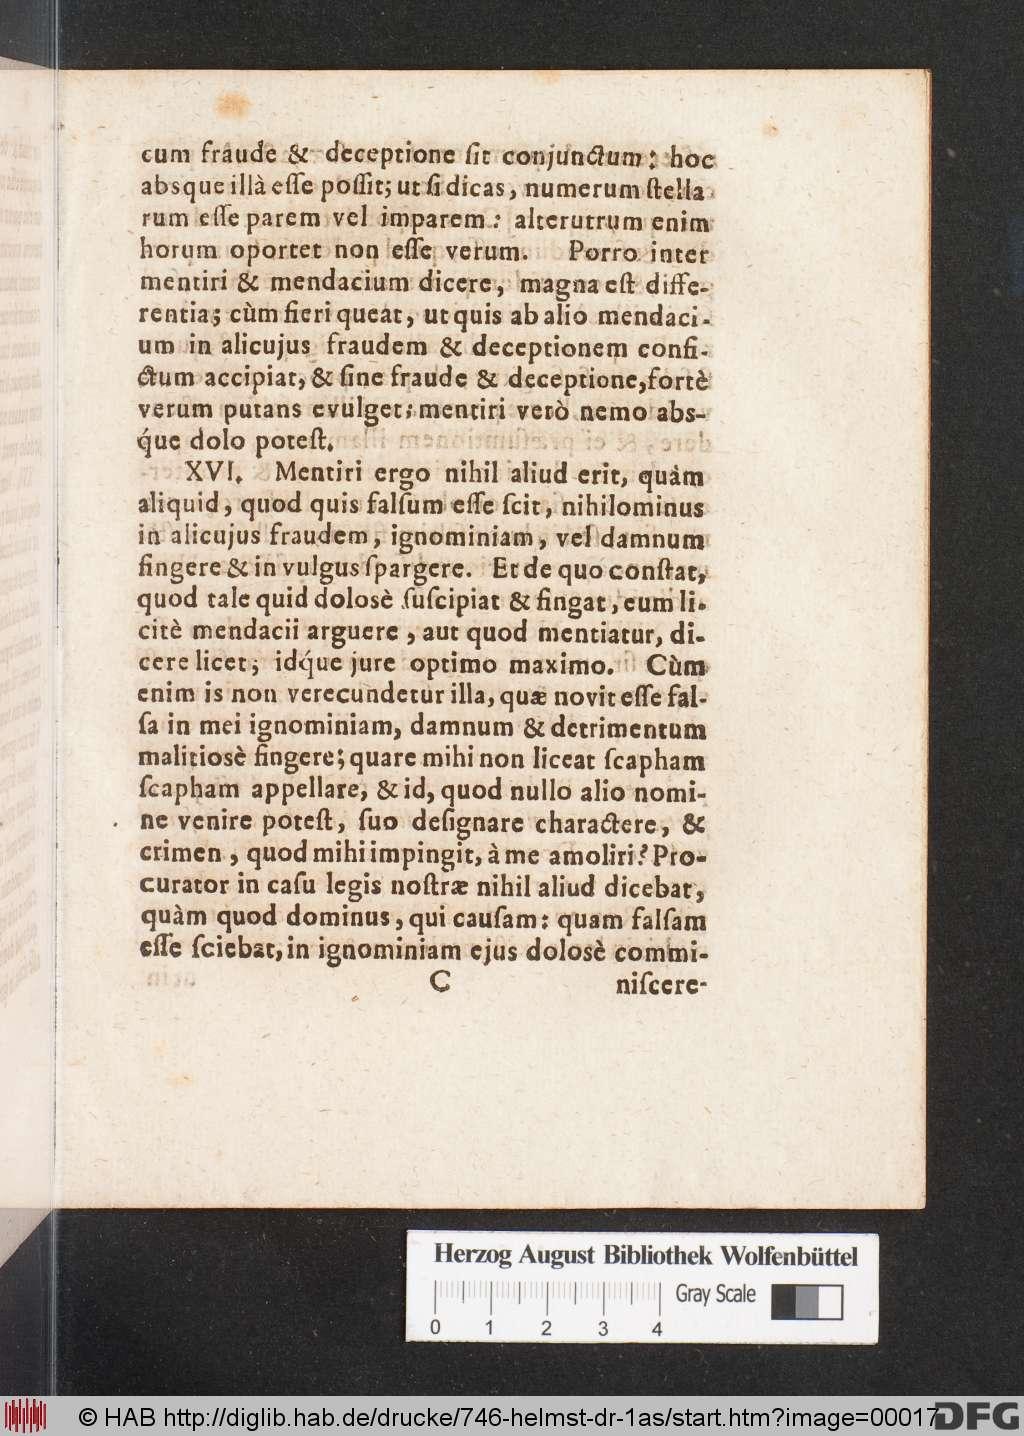 http://diglib.hab.de/drucke/746-helmst-dr-1as/00017.jpg